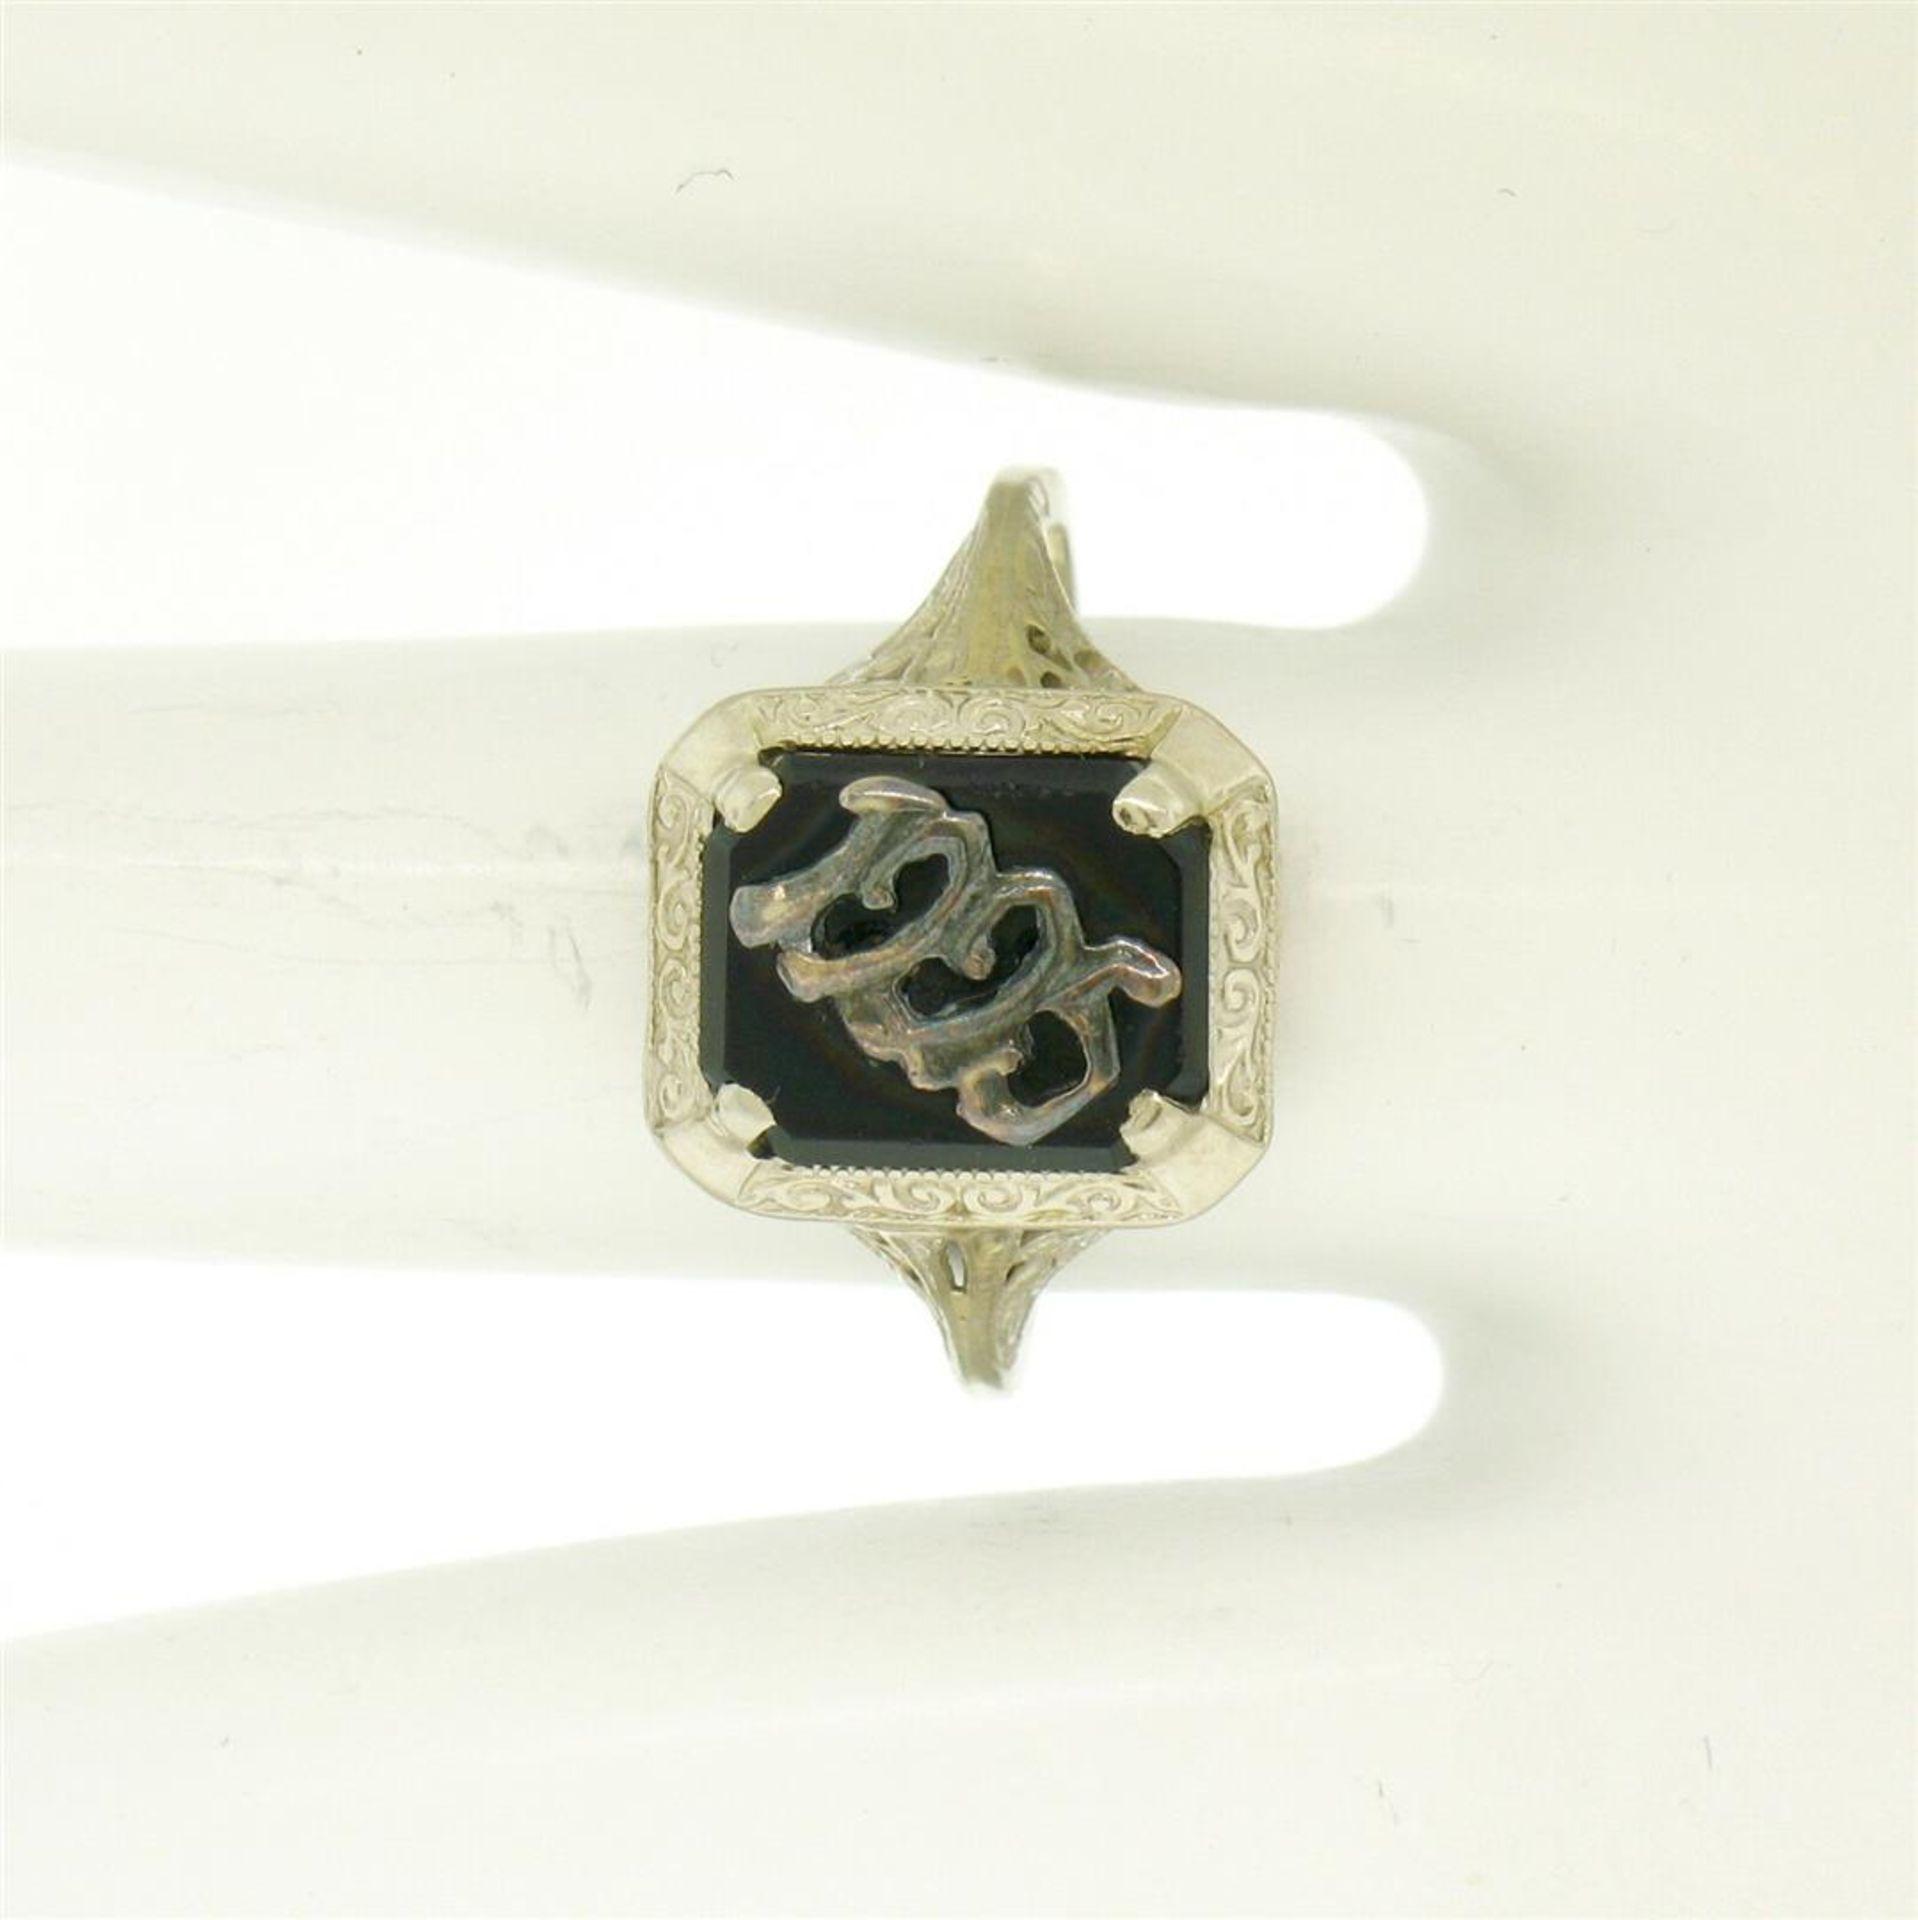 1925 14k White Gold Prong Set Black Onyx Filigree Dinner Ring - Image 8 of 8